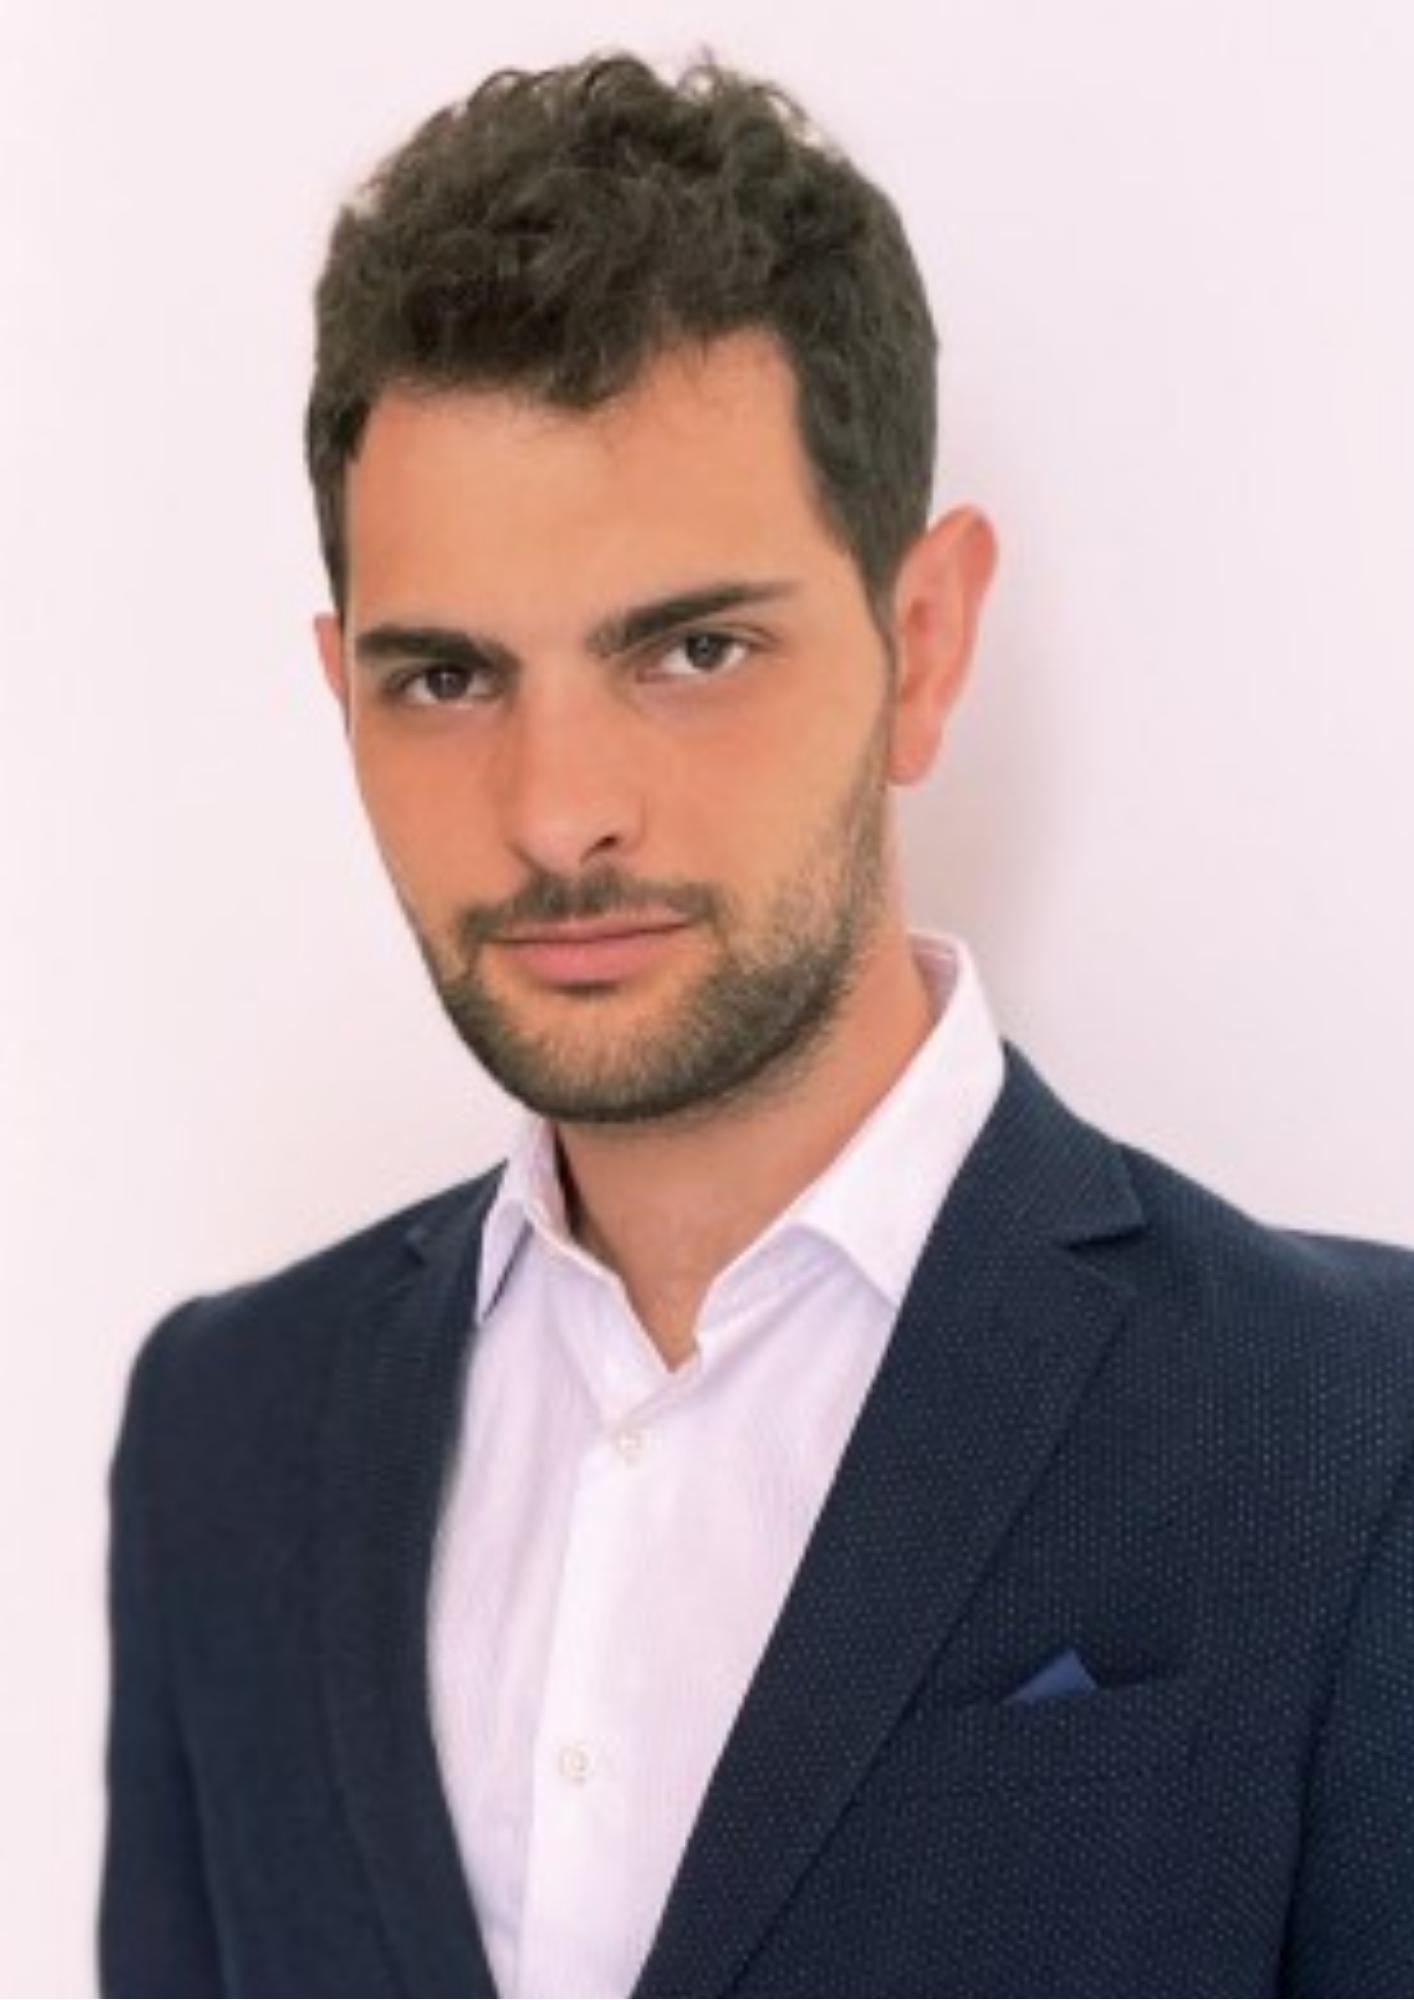 Antoan Montignier